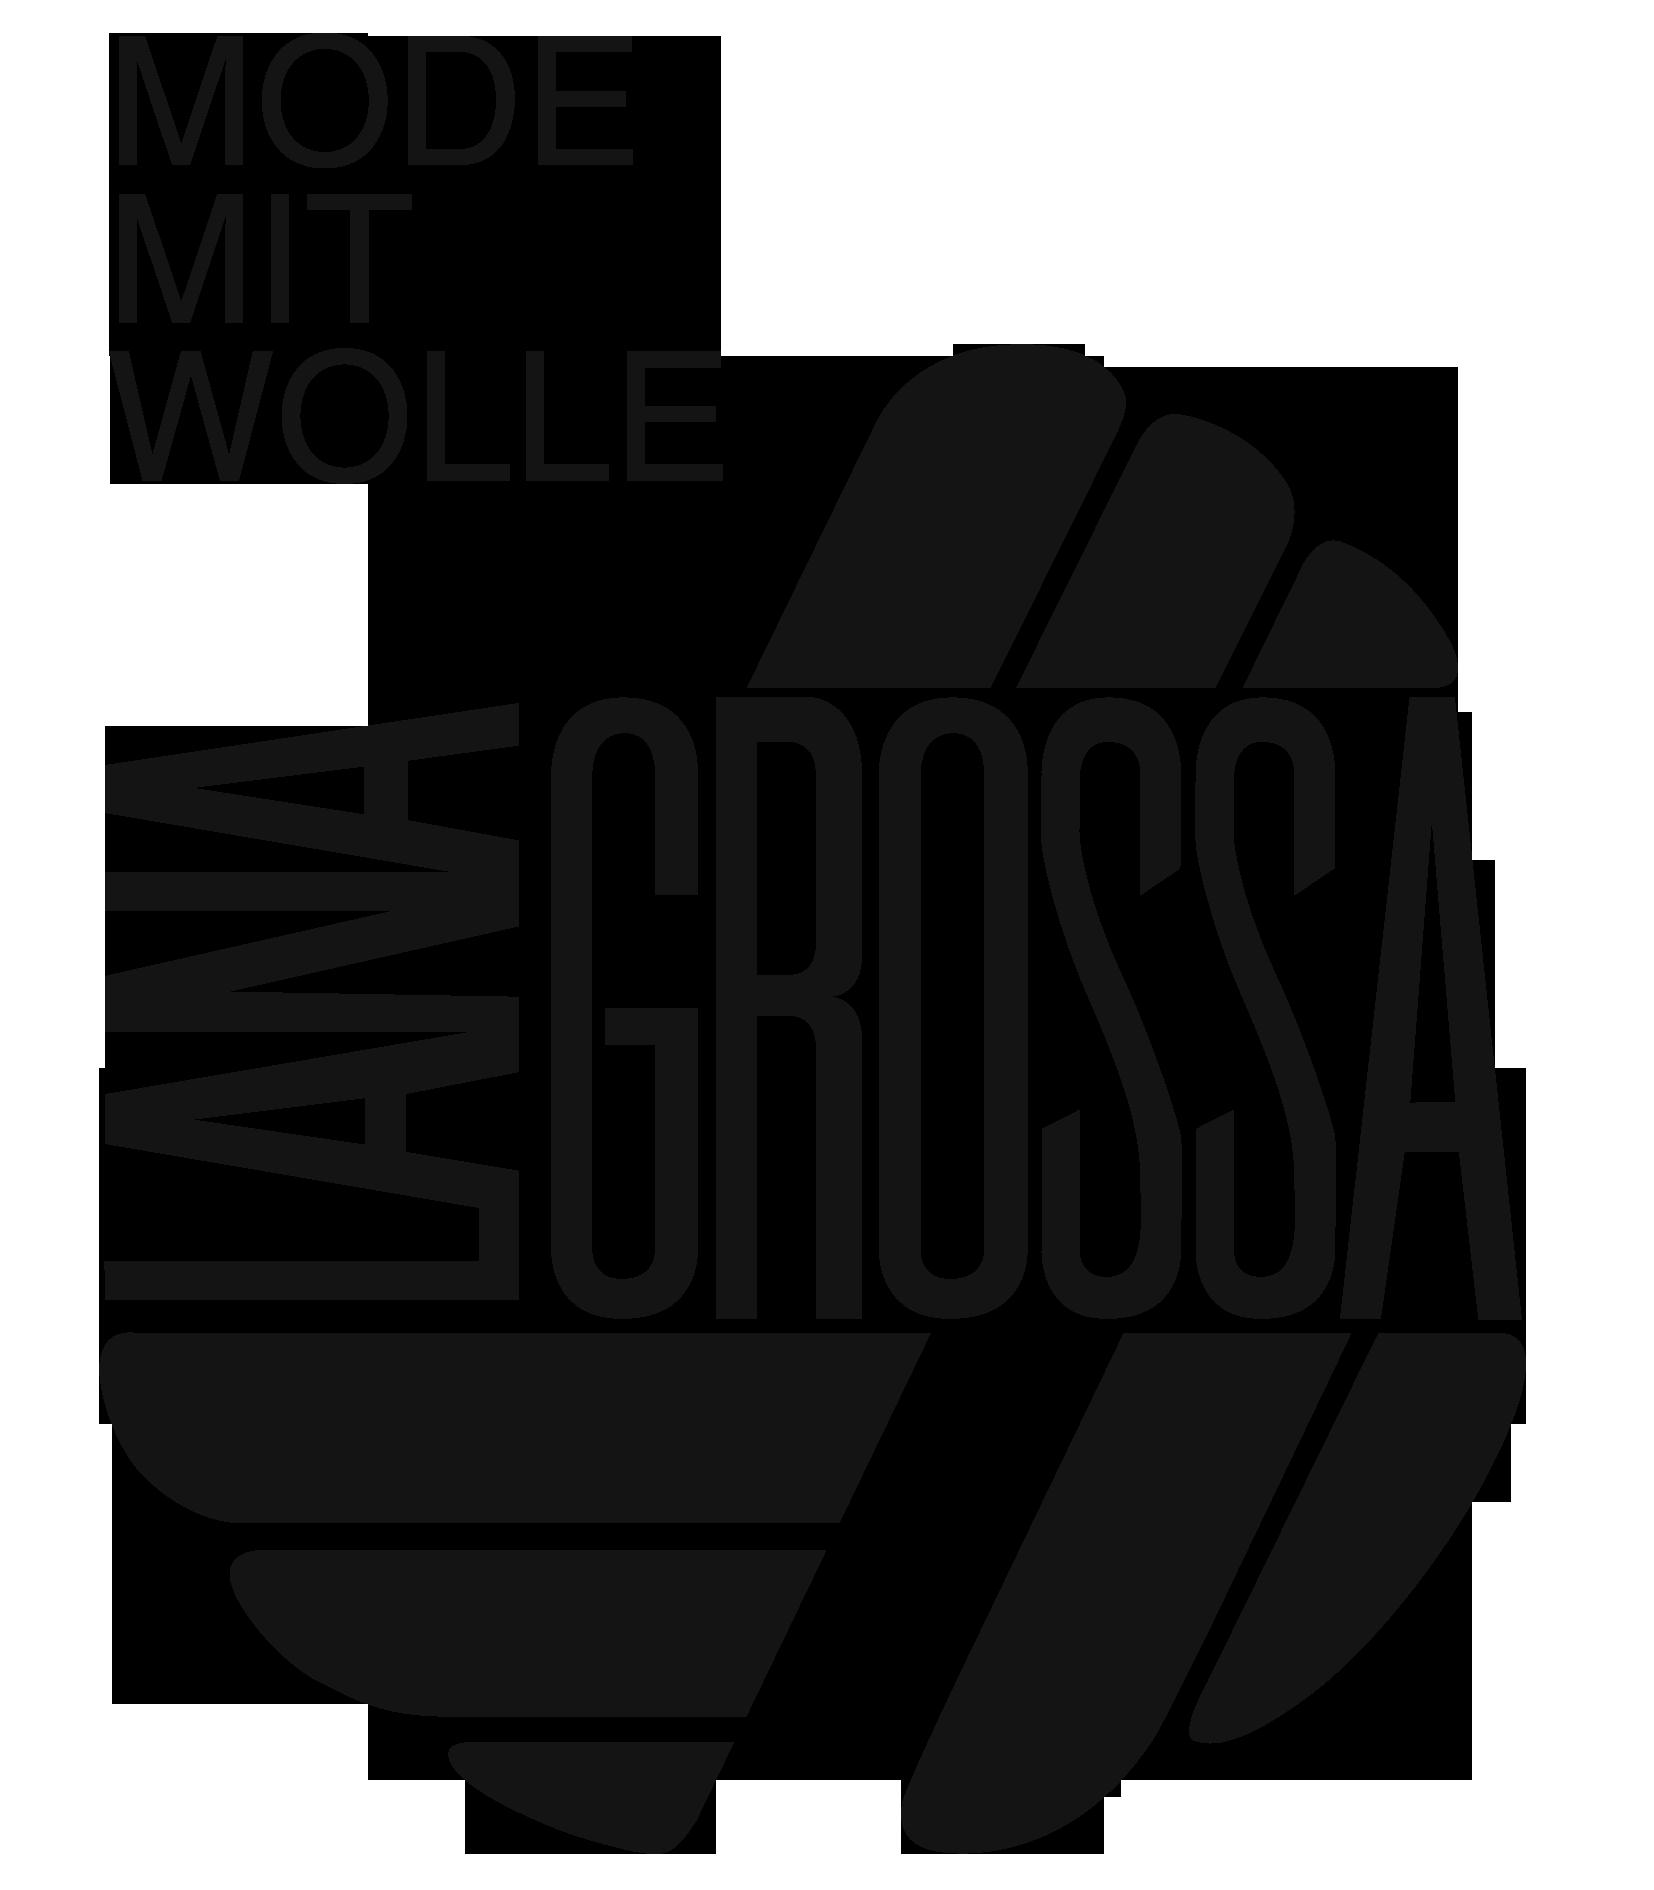 LanaGrossa2005_100k Logo rund